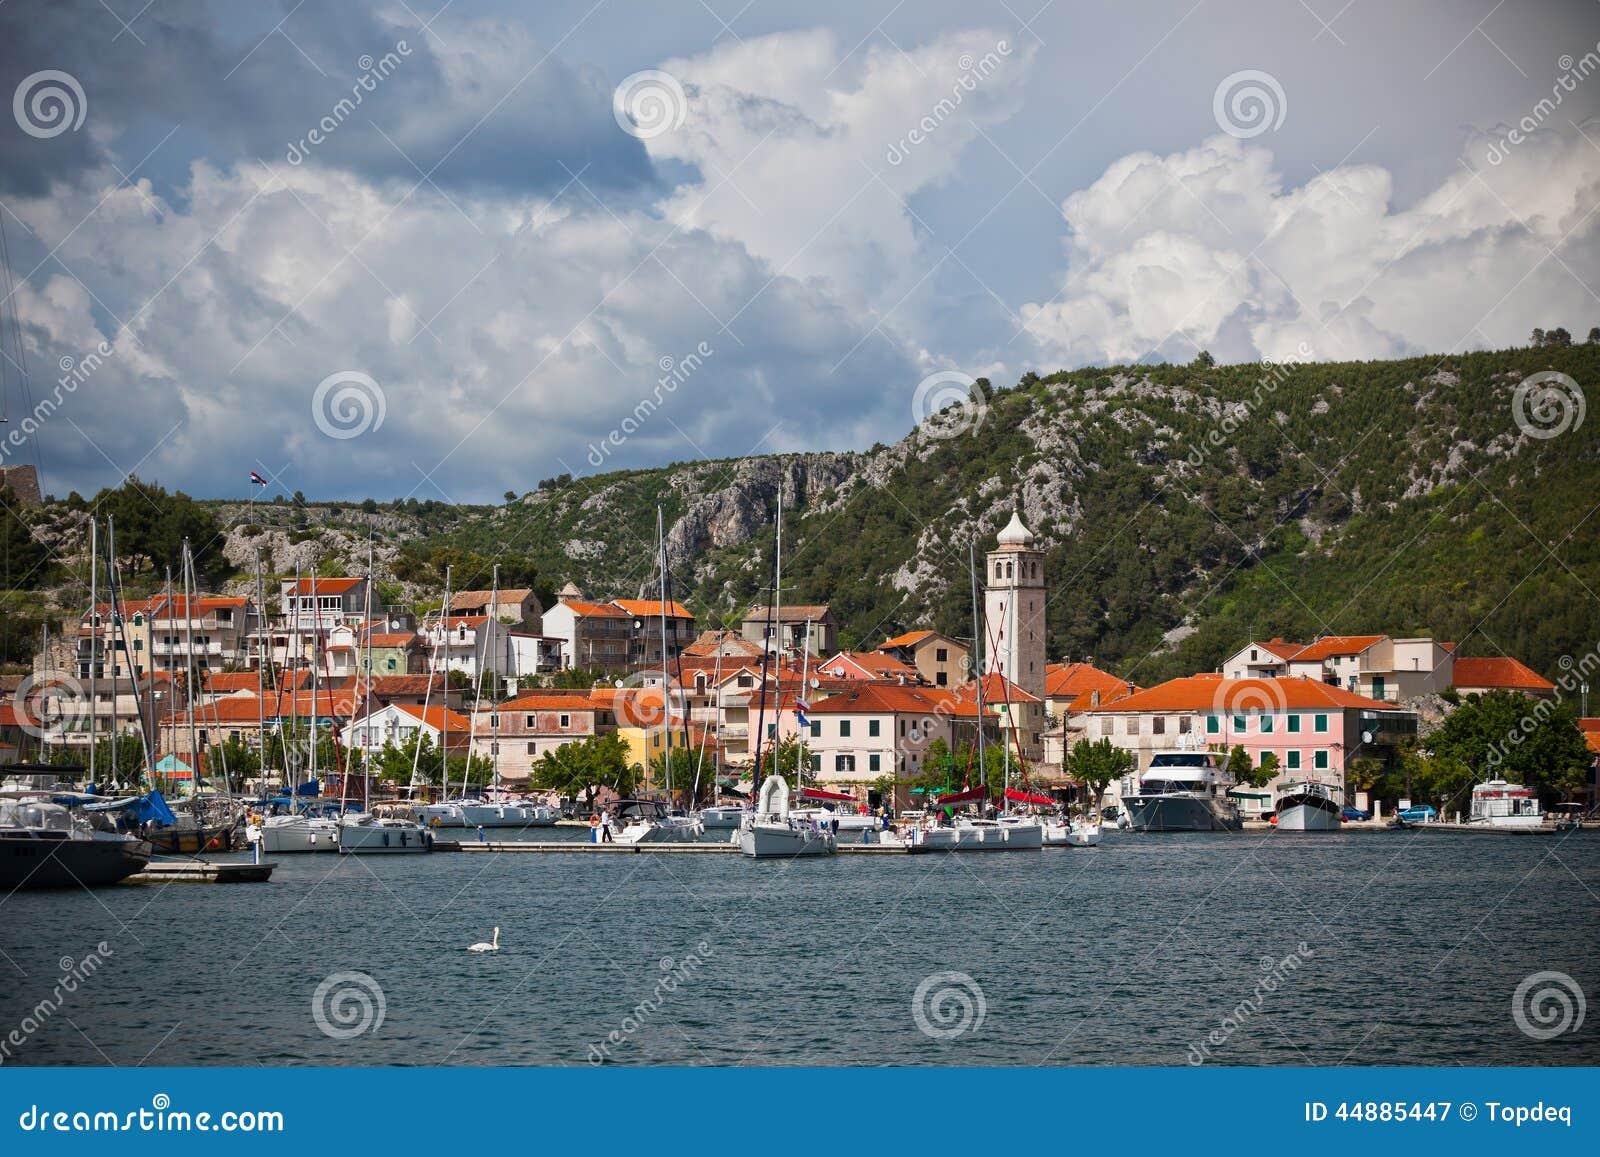 Skradin es una pequeña ciudad histórica en Croacia